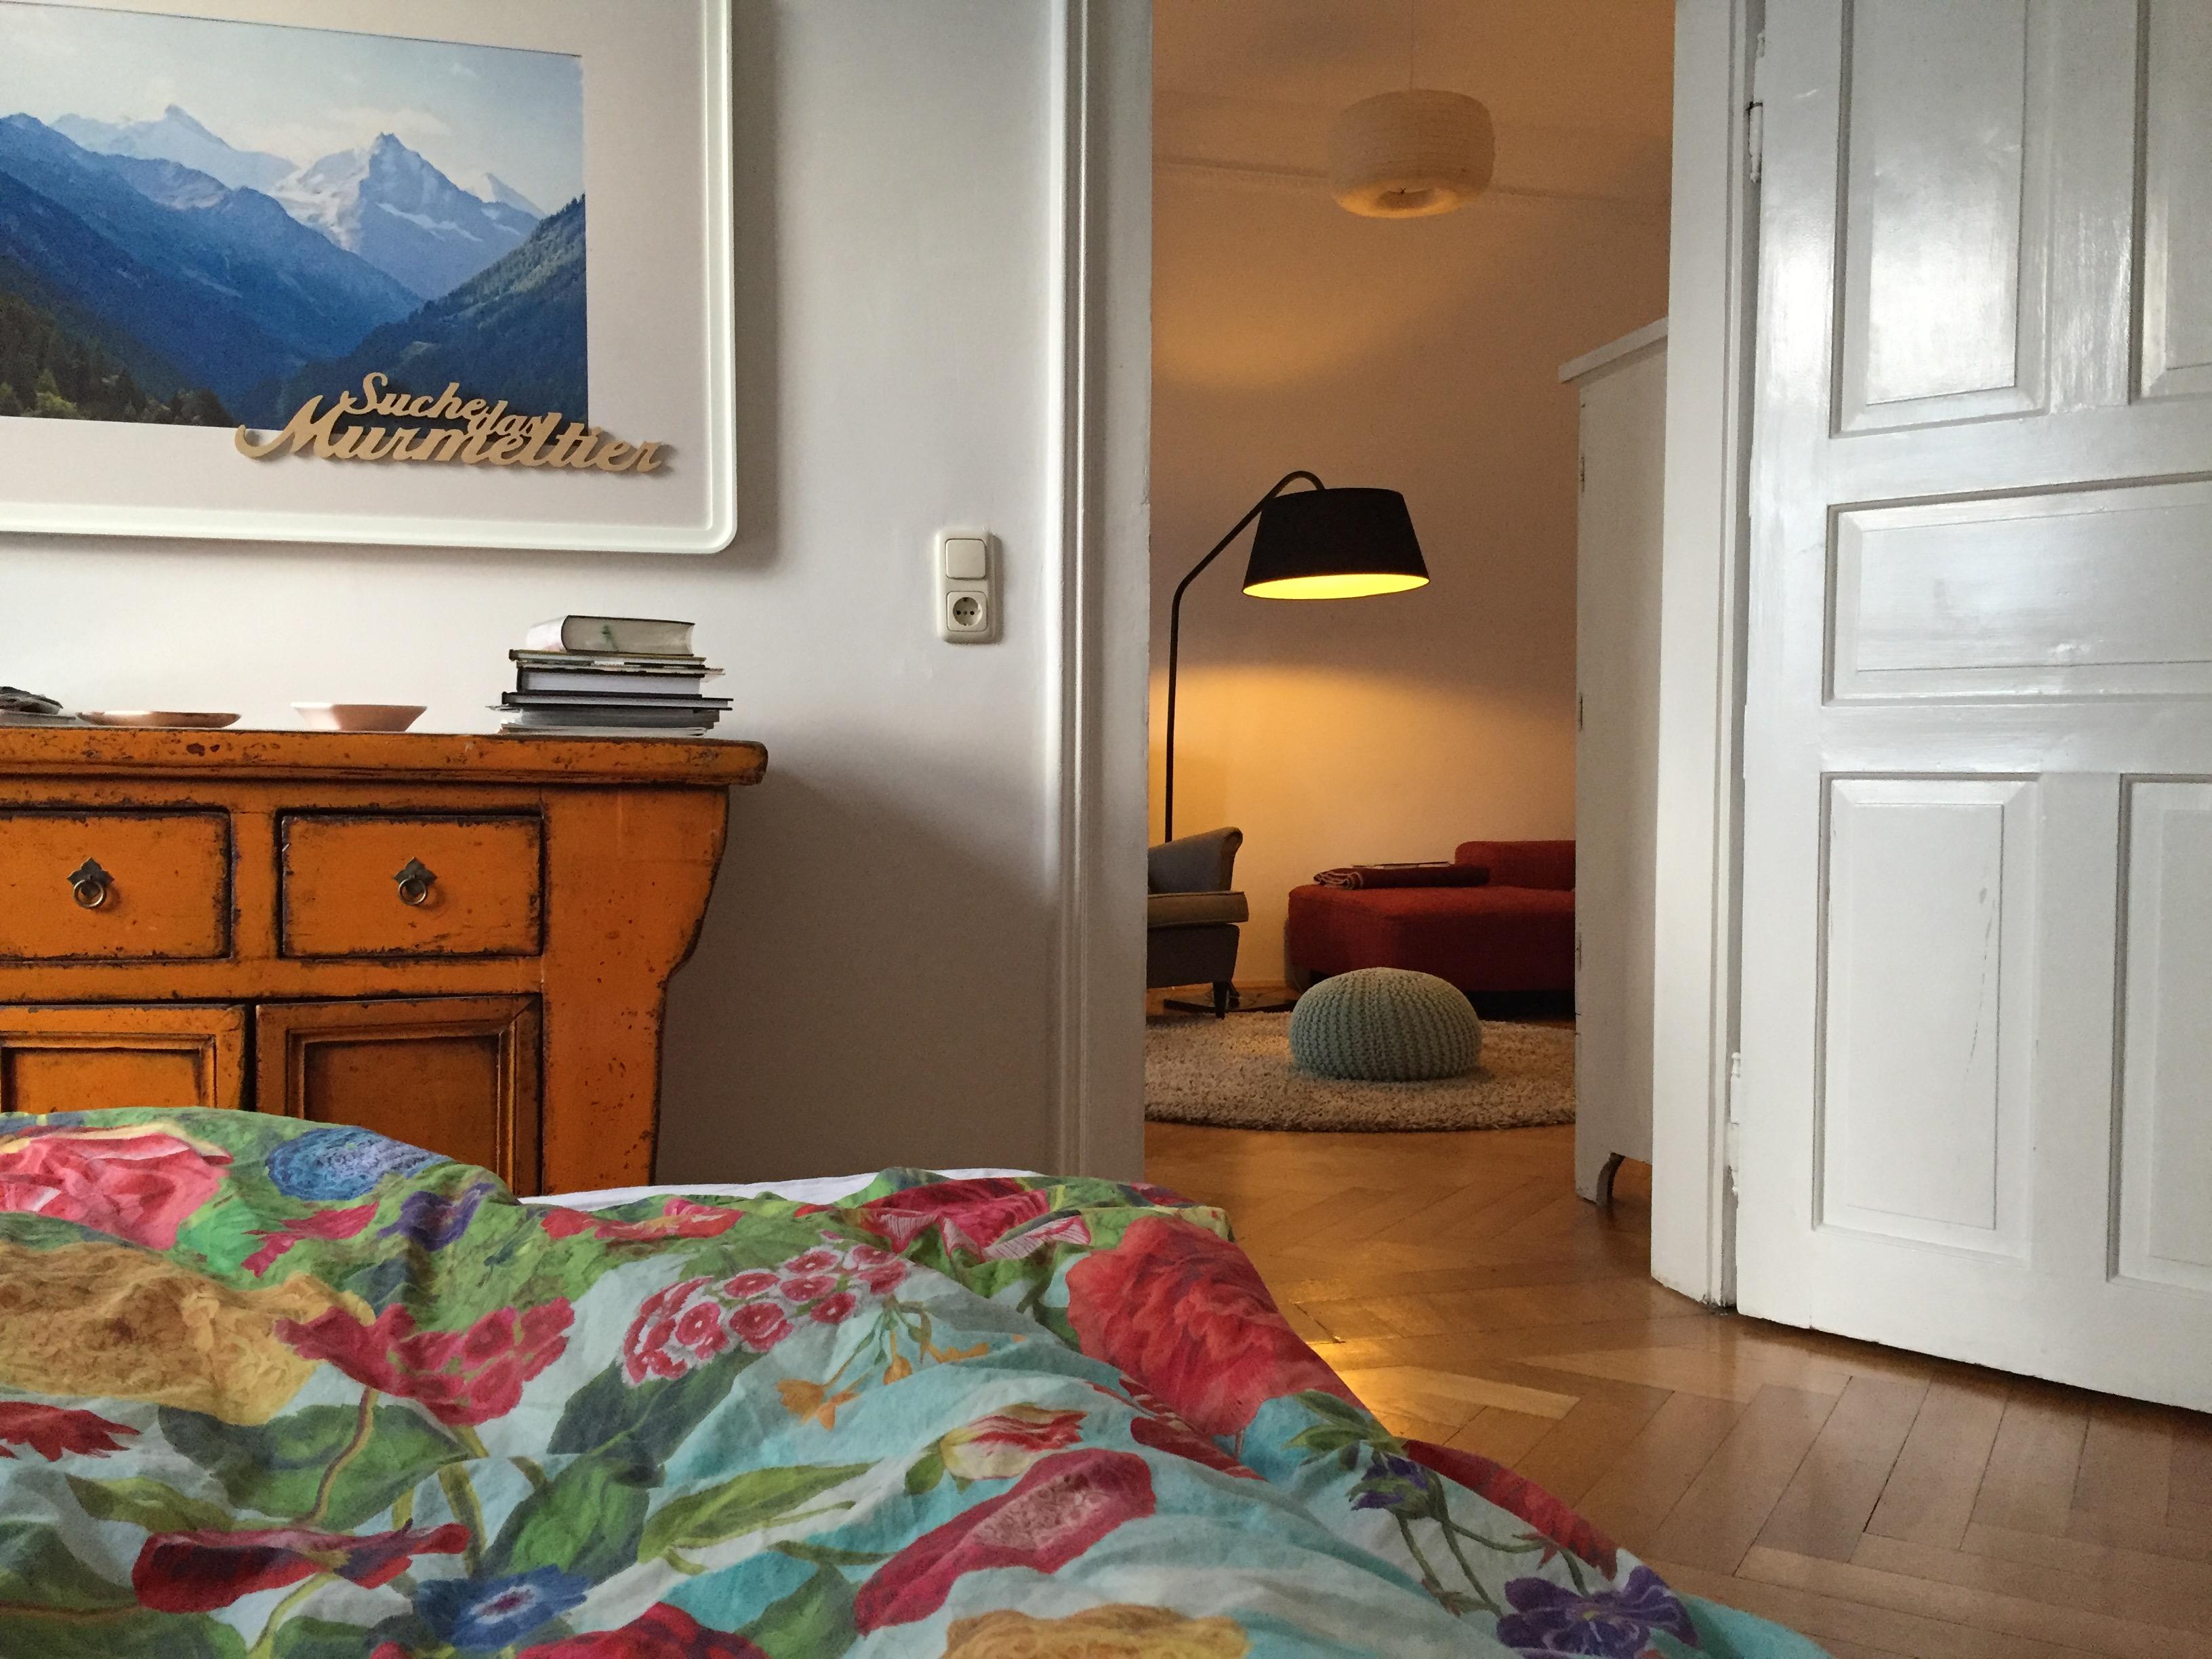 Wohnen, Pflanze, Naturholz, Weiß, Tür, Bett, Bilderrahmen, Tisch, Stuhl